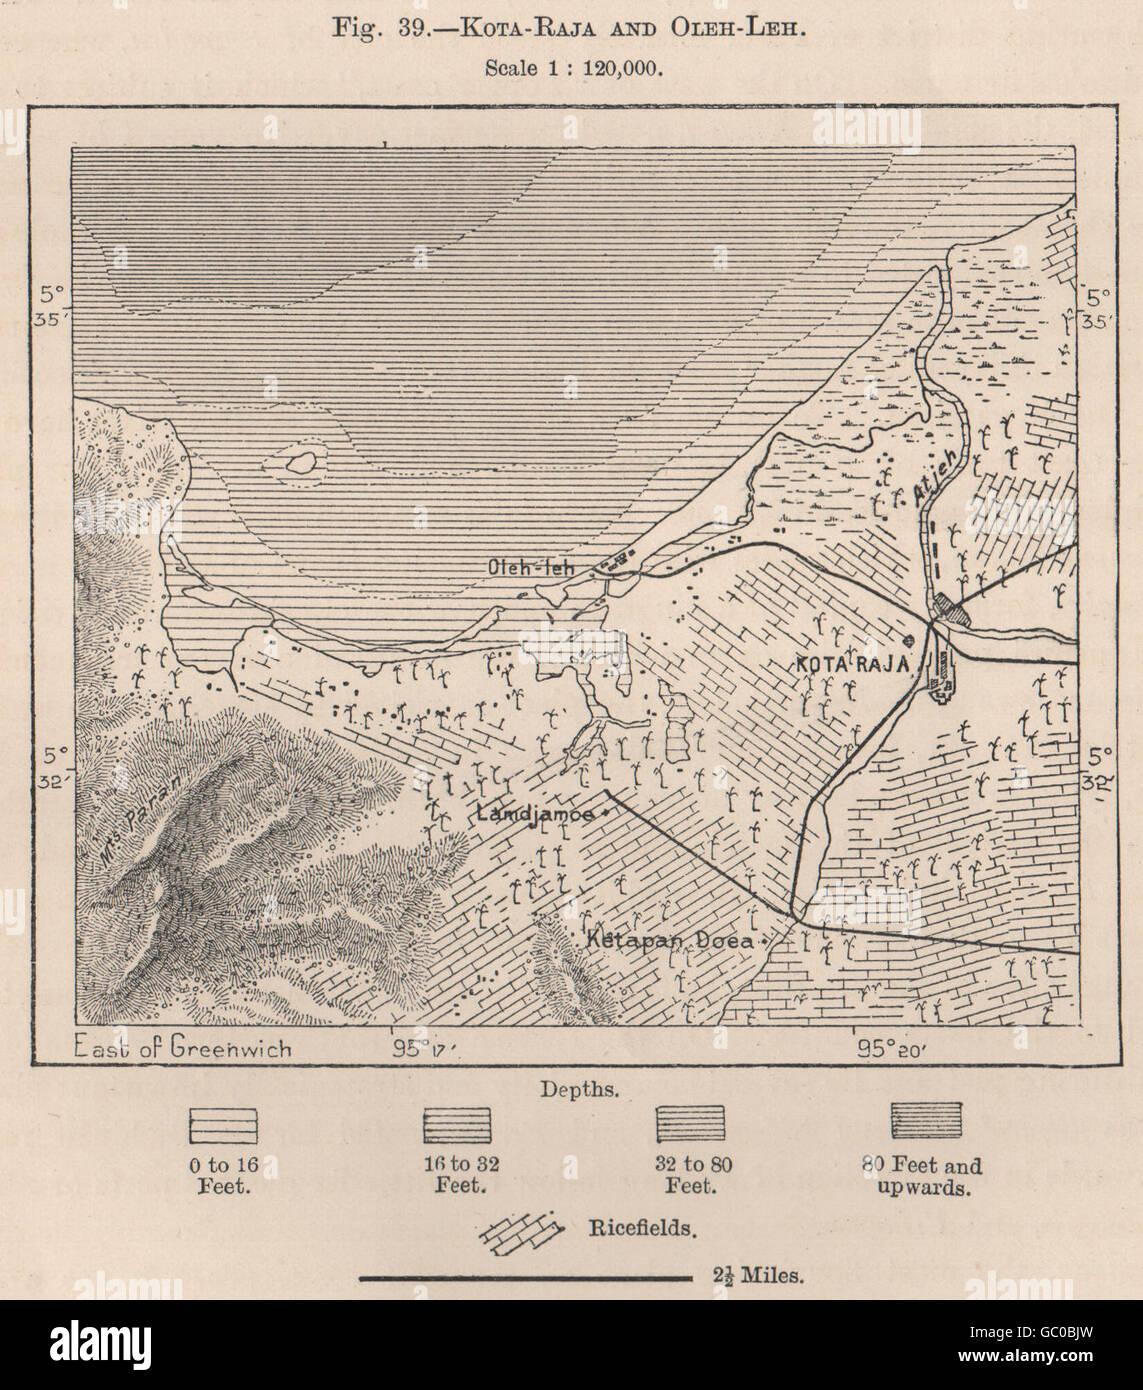 Kutaraja (Banda Aceh) & Oleelheue. Sumatra, Indonesien. Ostindien, 1885-Karte Stockfoto